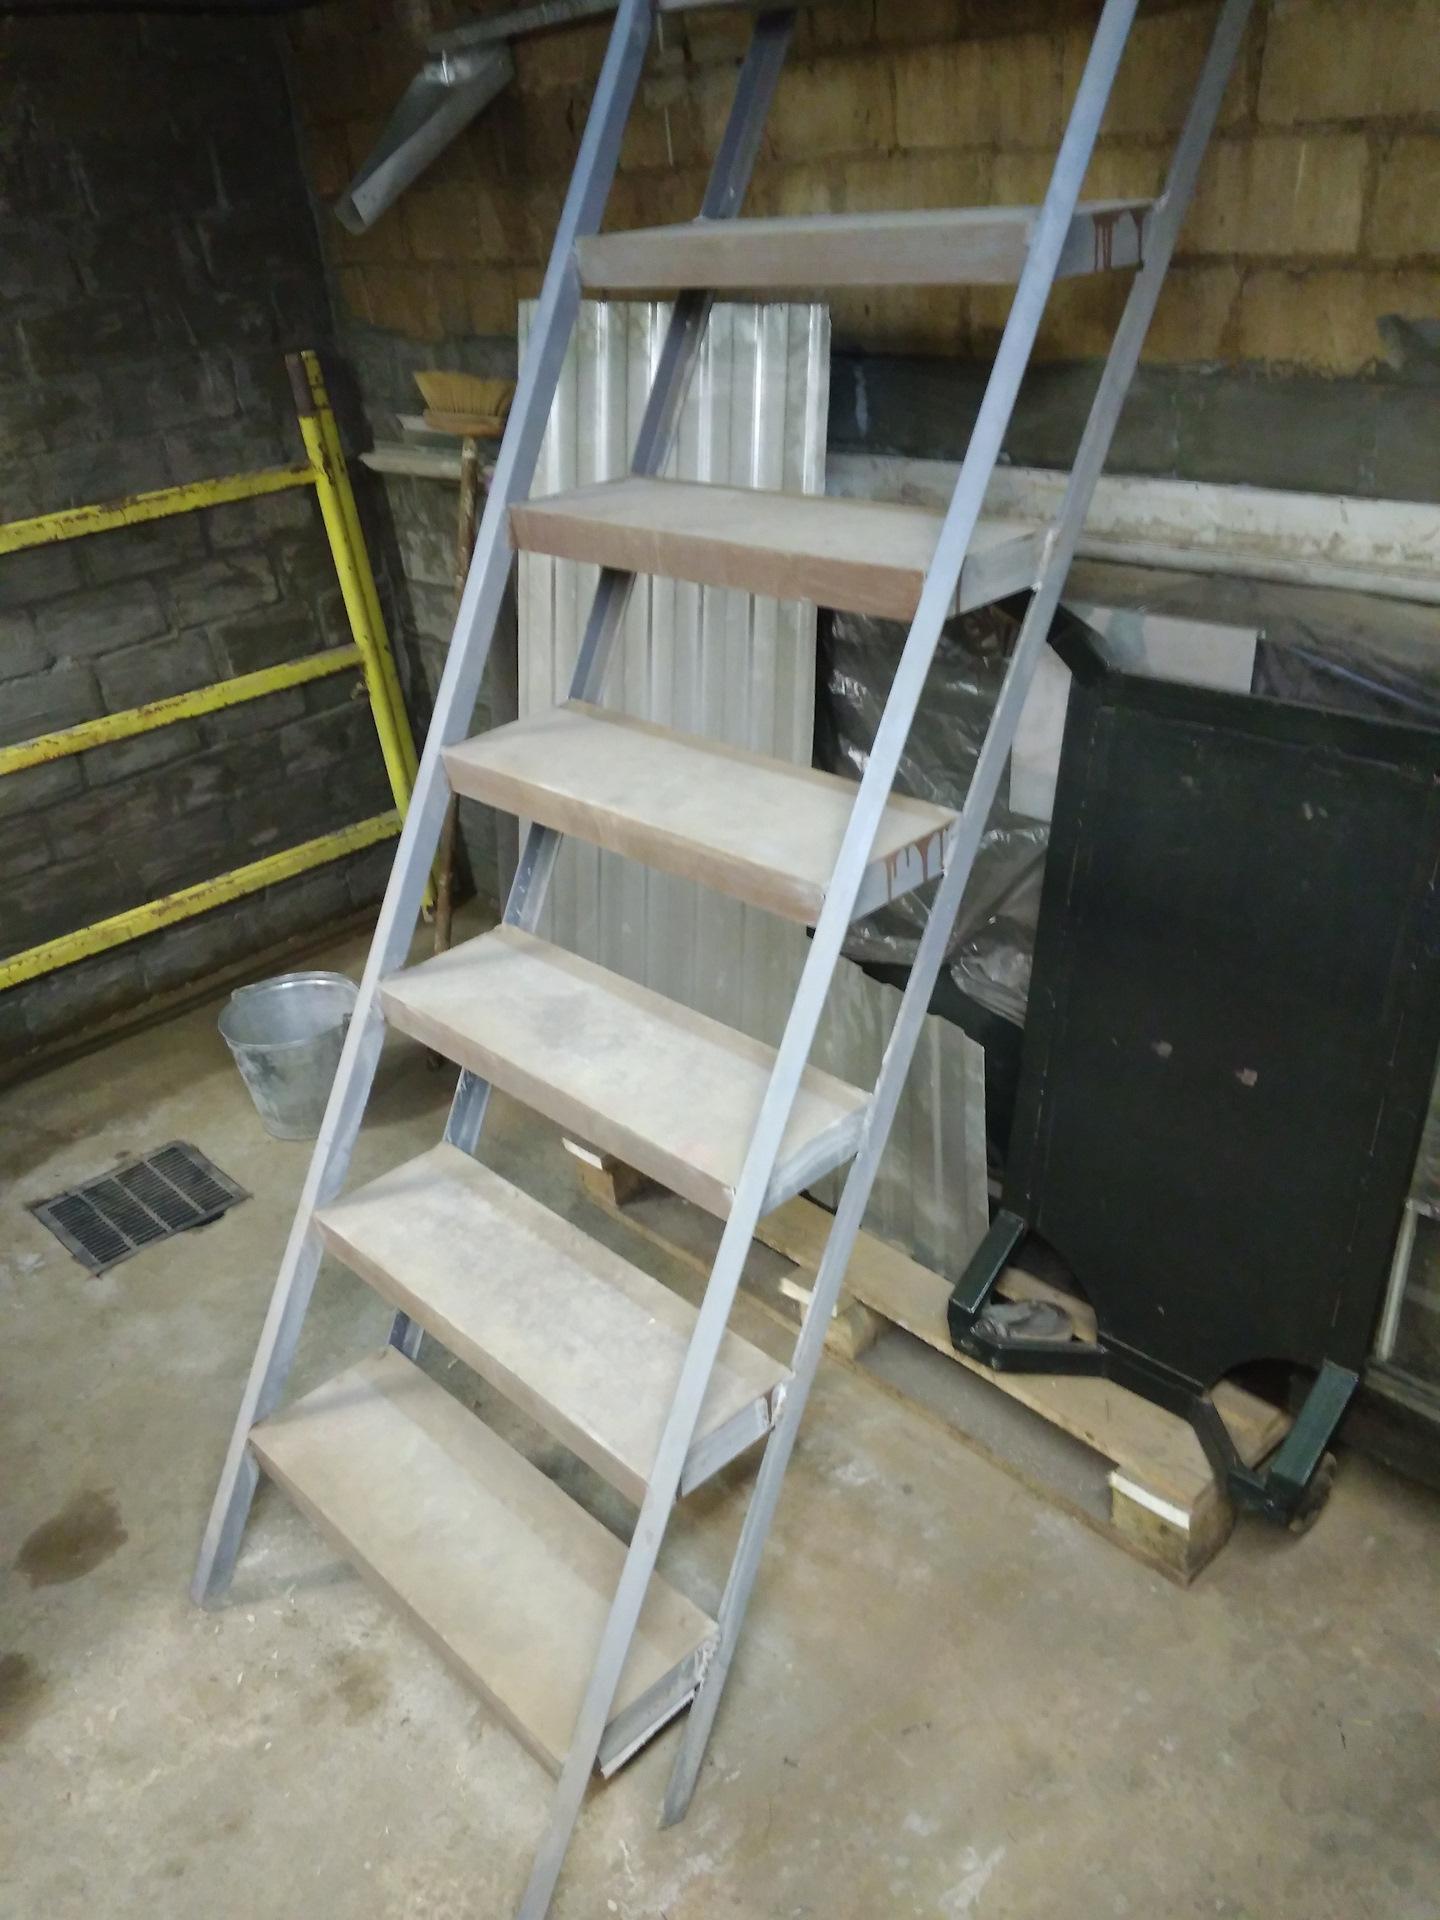 взял нож лестница в подвал гаража металлическая фото оружейном магазине голова